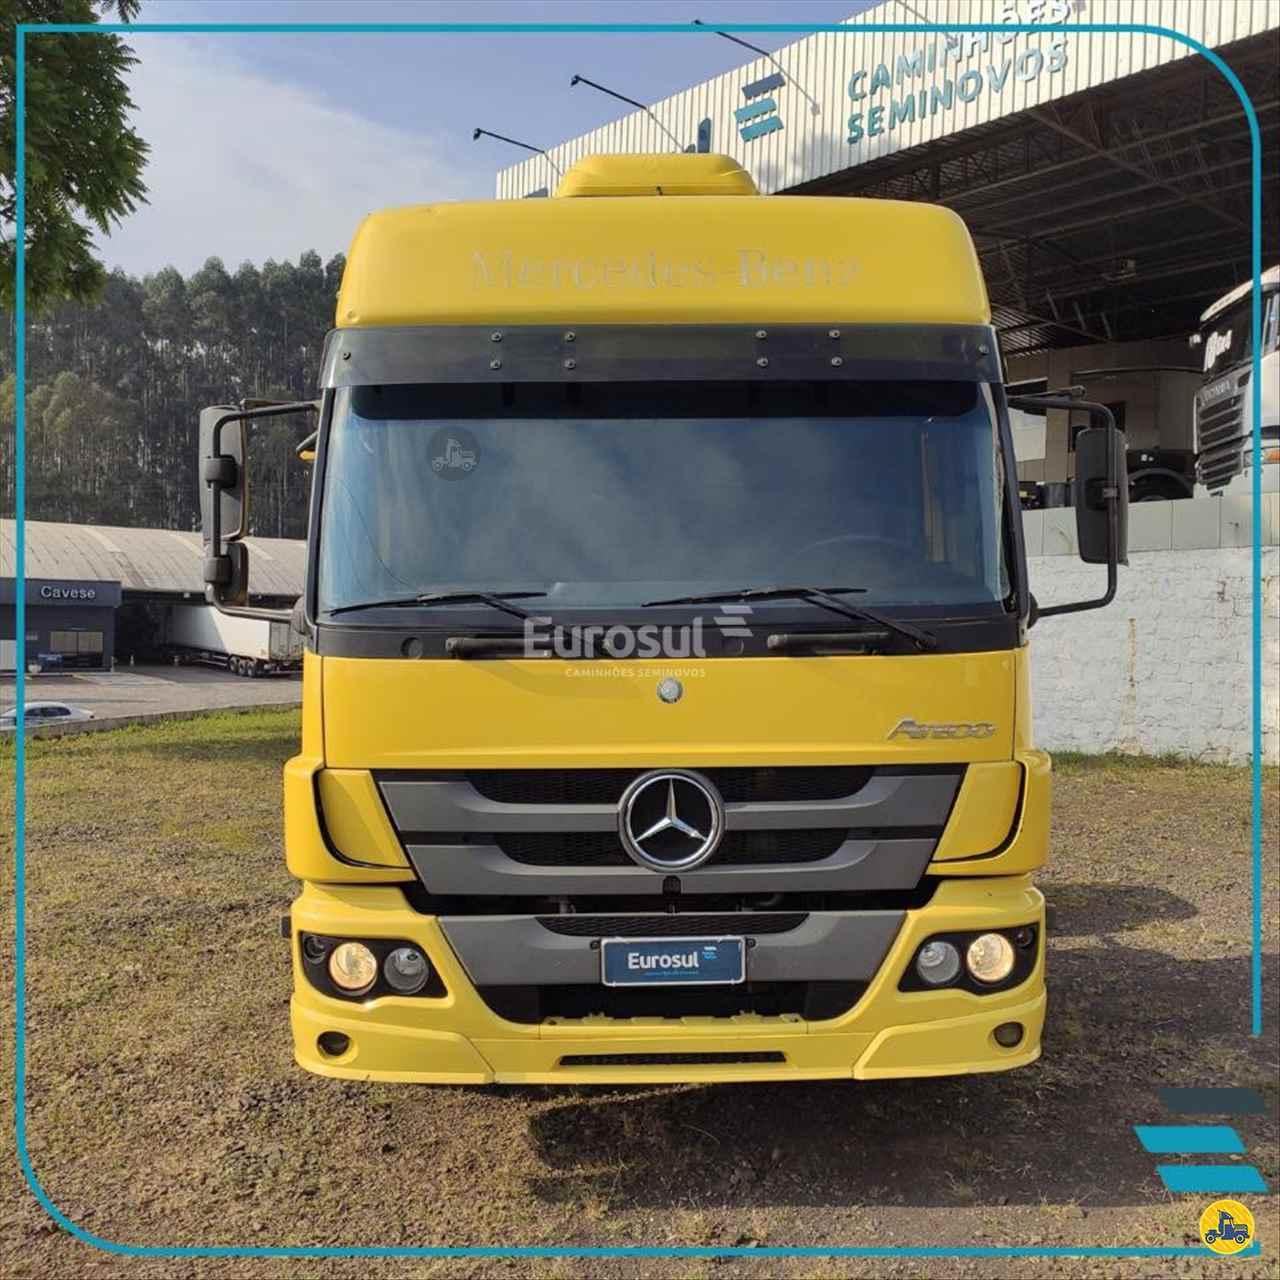 CAMINHAO MERCEDES-BENZ MB 2430 Cavalo Mecânico BiTruck 8x2 Eurosul Caminhões Seminovos CONCORDIA SANTA CATARINA SC